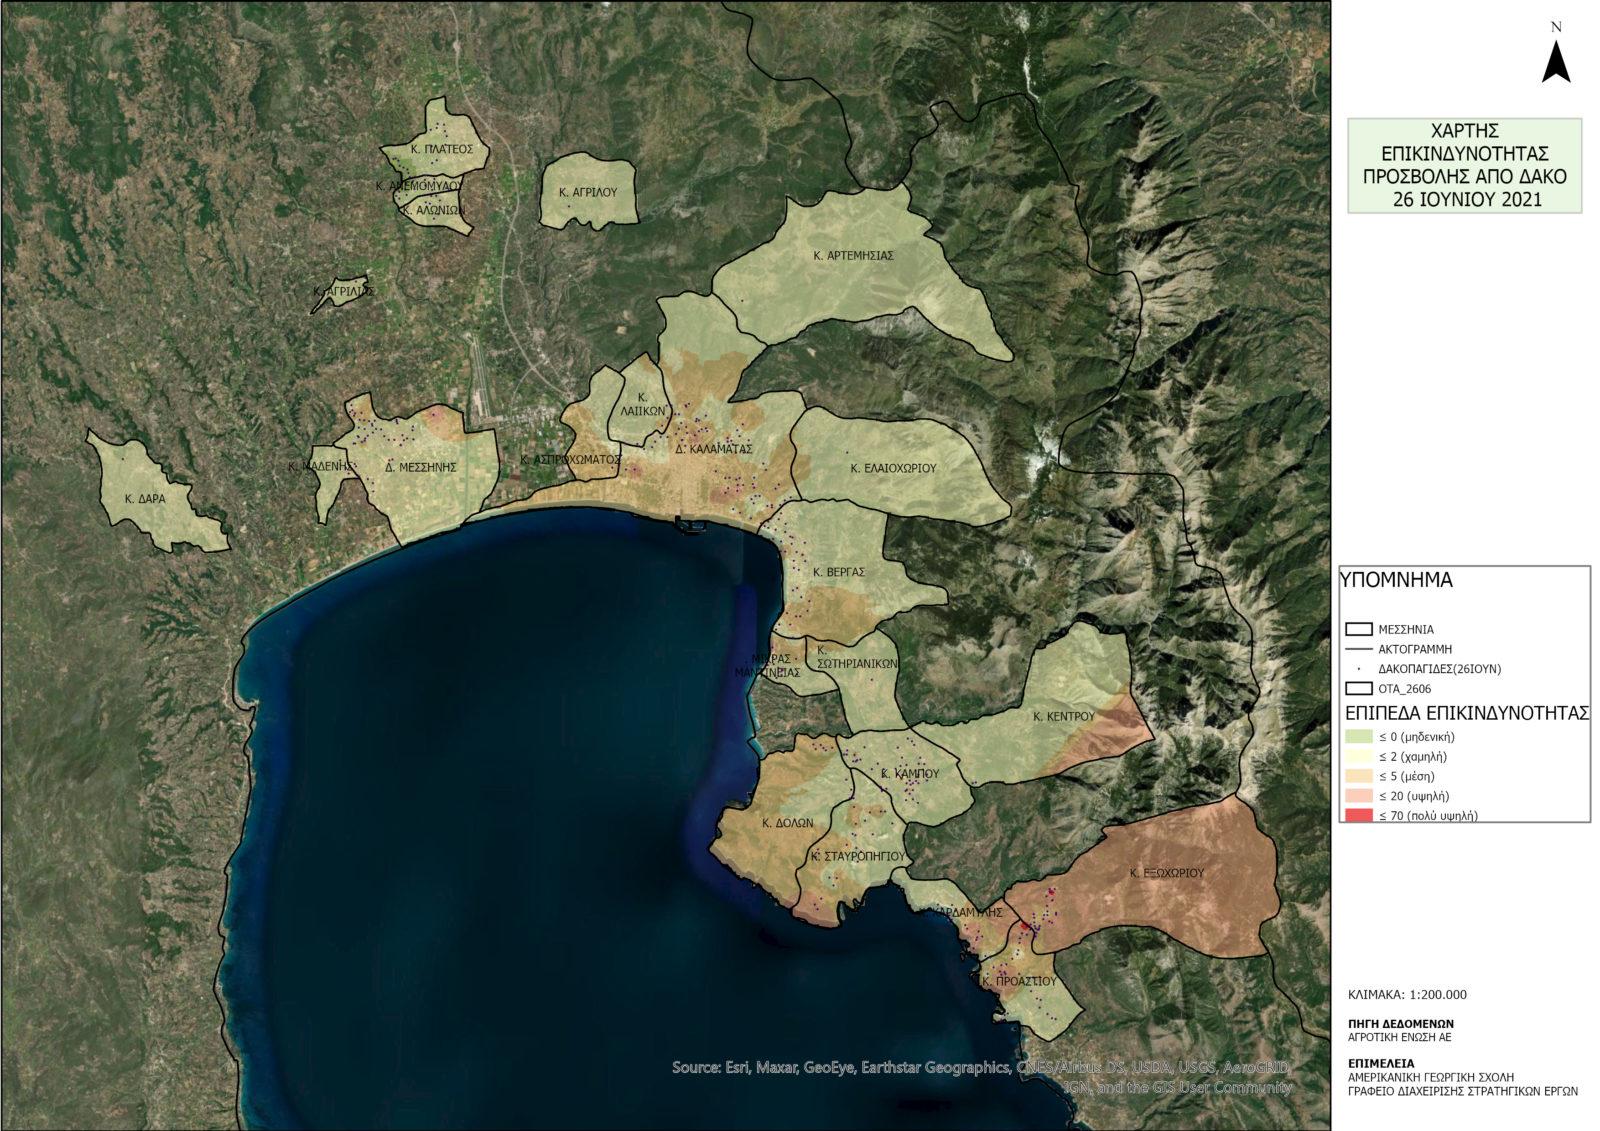 Eνεργοί χάρτες ( thermal maps ) επικινδυνότητας δακοπροσβολών σε ελαιώνες.